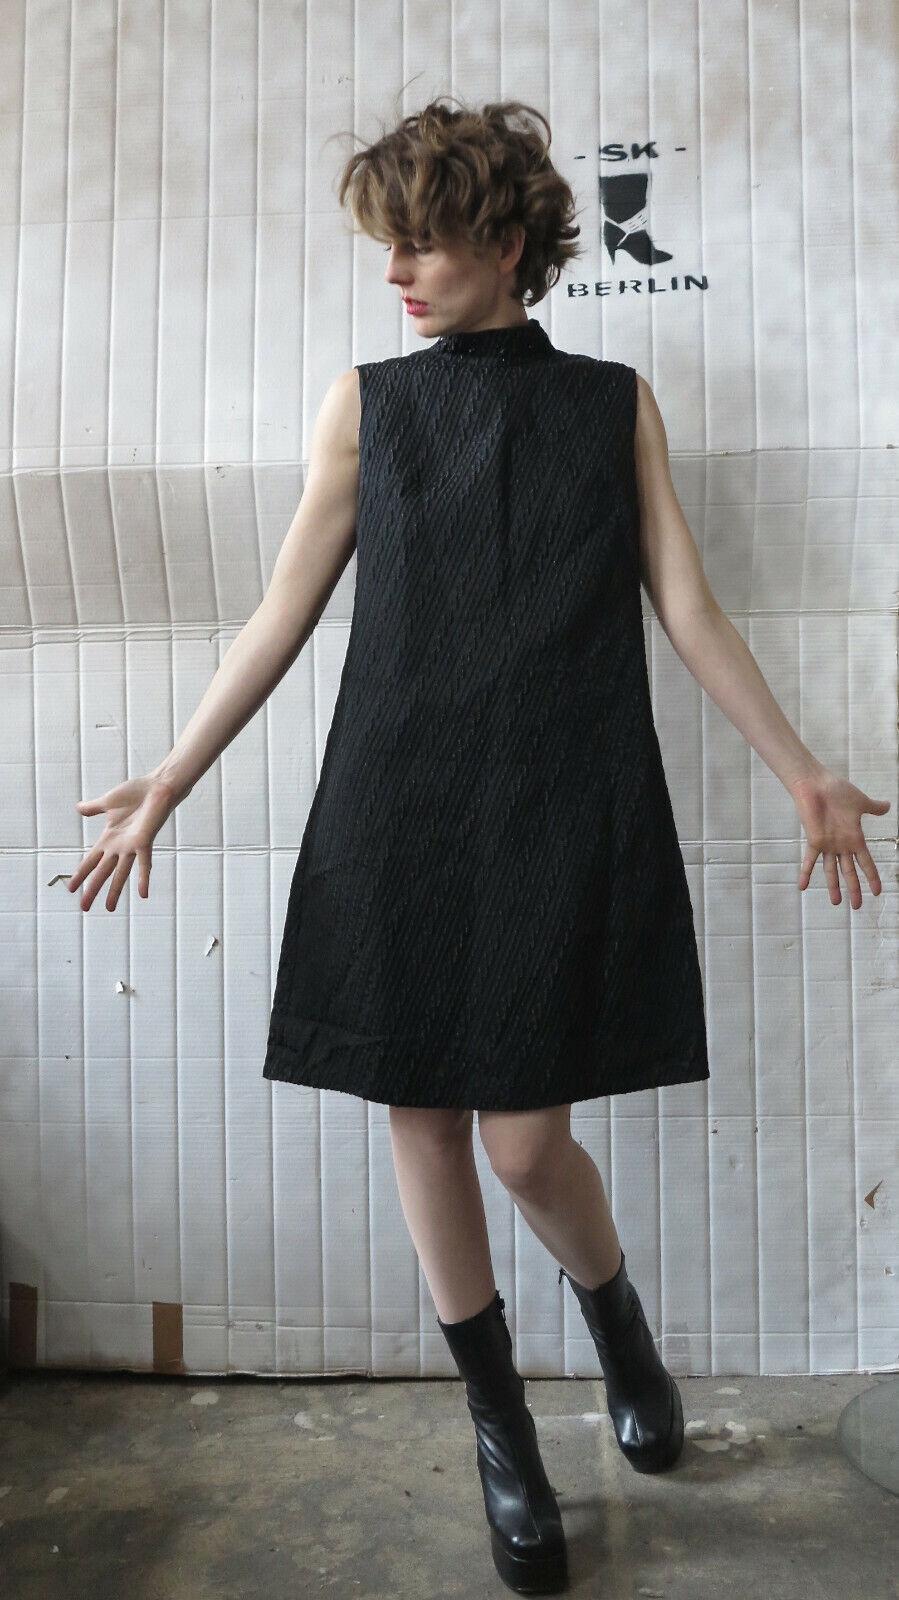 Schwarzes Brokatkleid Kunst und Mode Berlin 60er True VINTAGE 60s schwarz dress